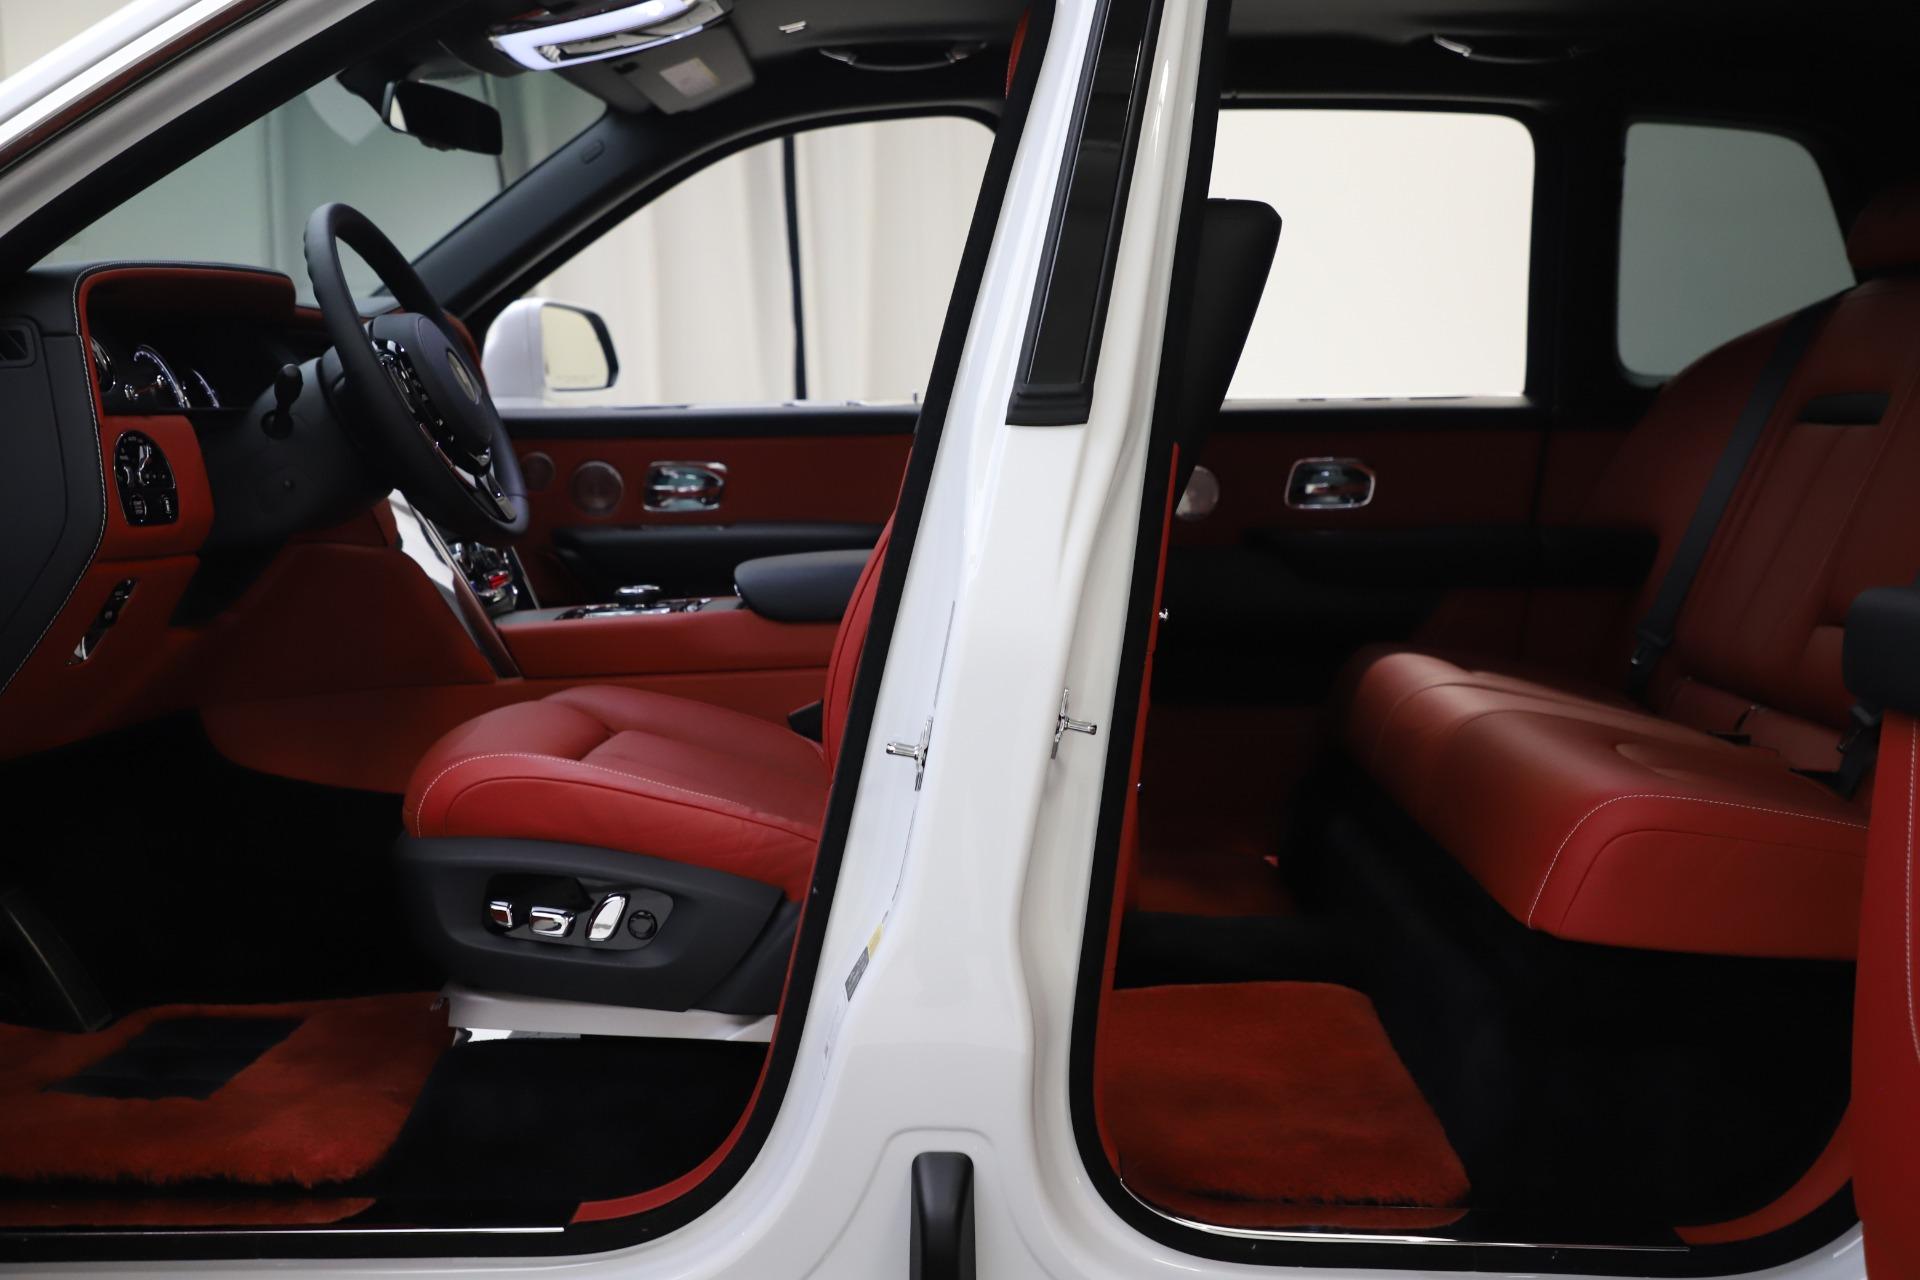 Used 2021 Rolls Royce Cullinan